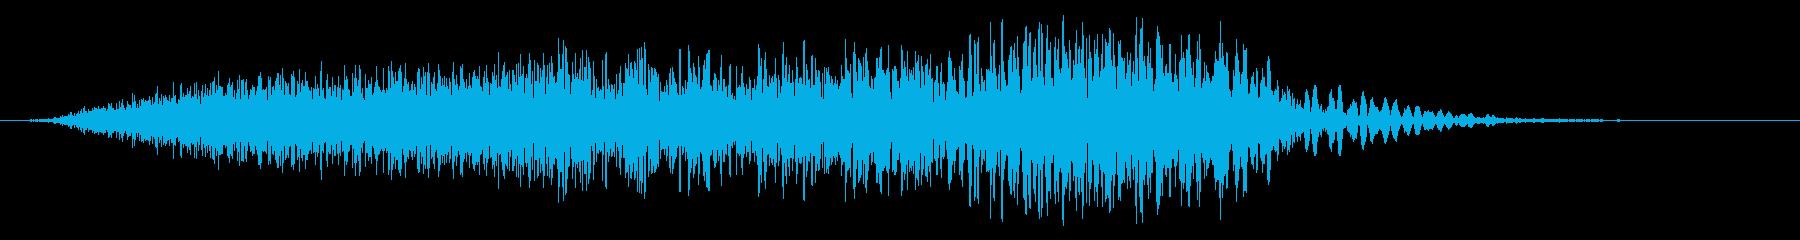 強力なオープニングラッシュウーッシュの再生済みの波形